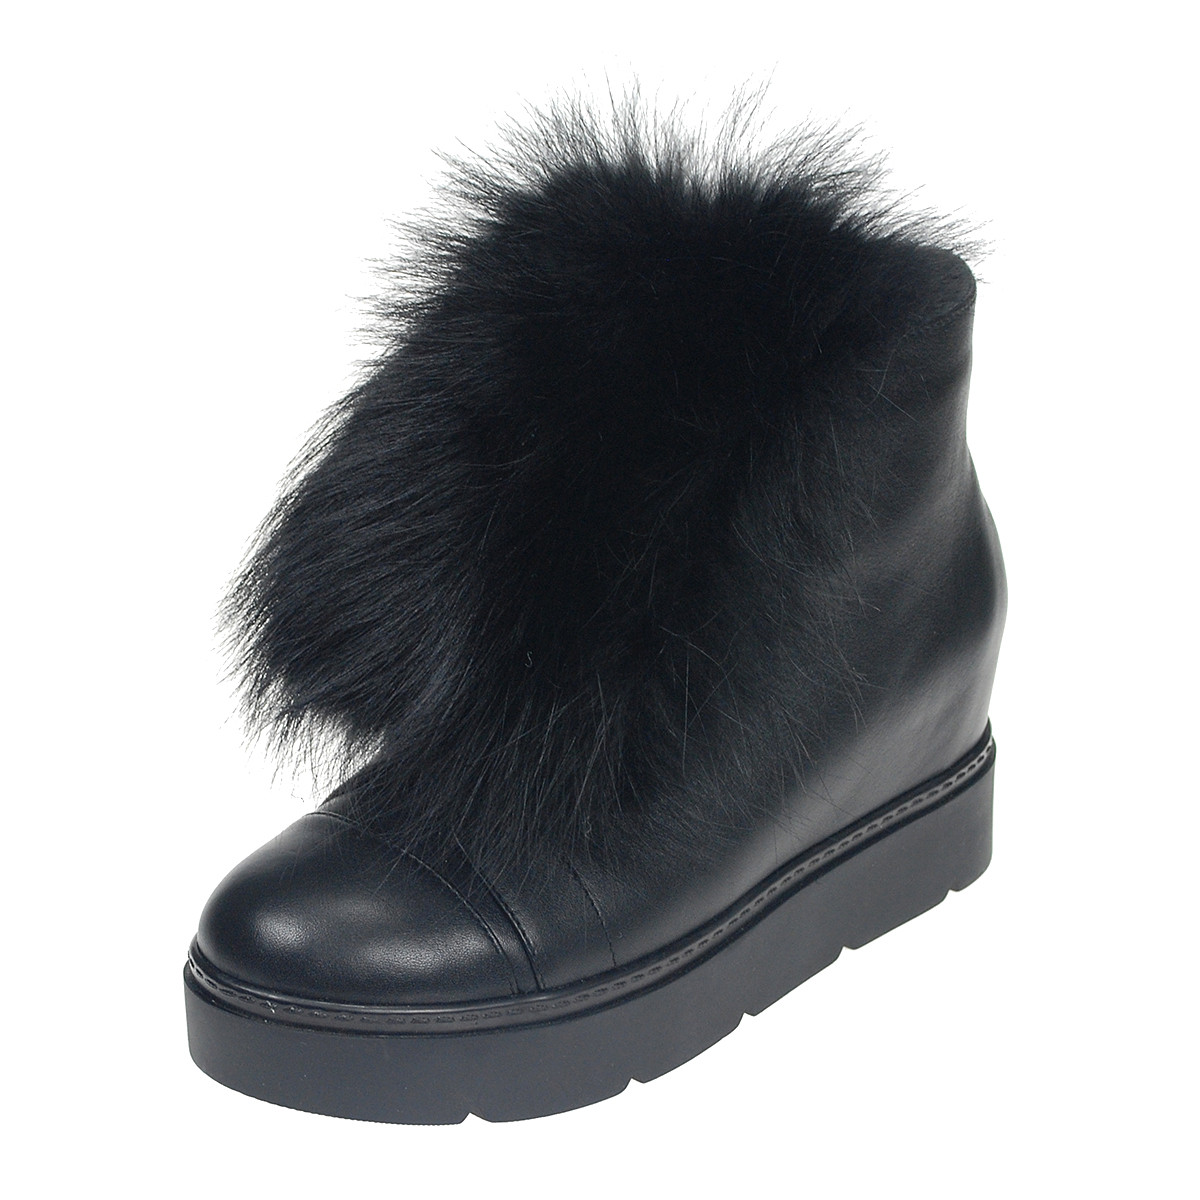 Ботинки для девушек демисезонные размеры 36-40